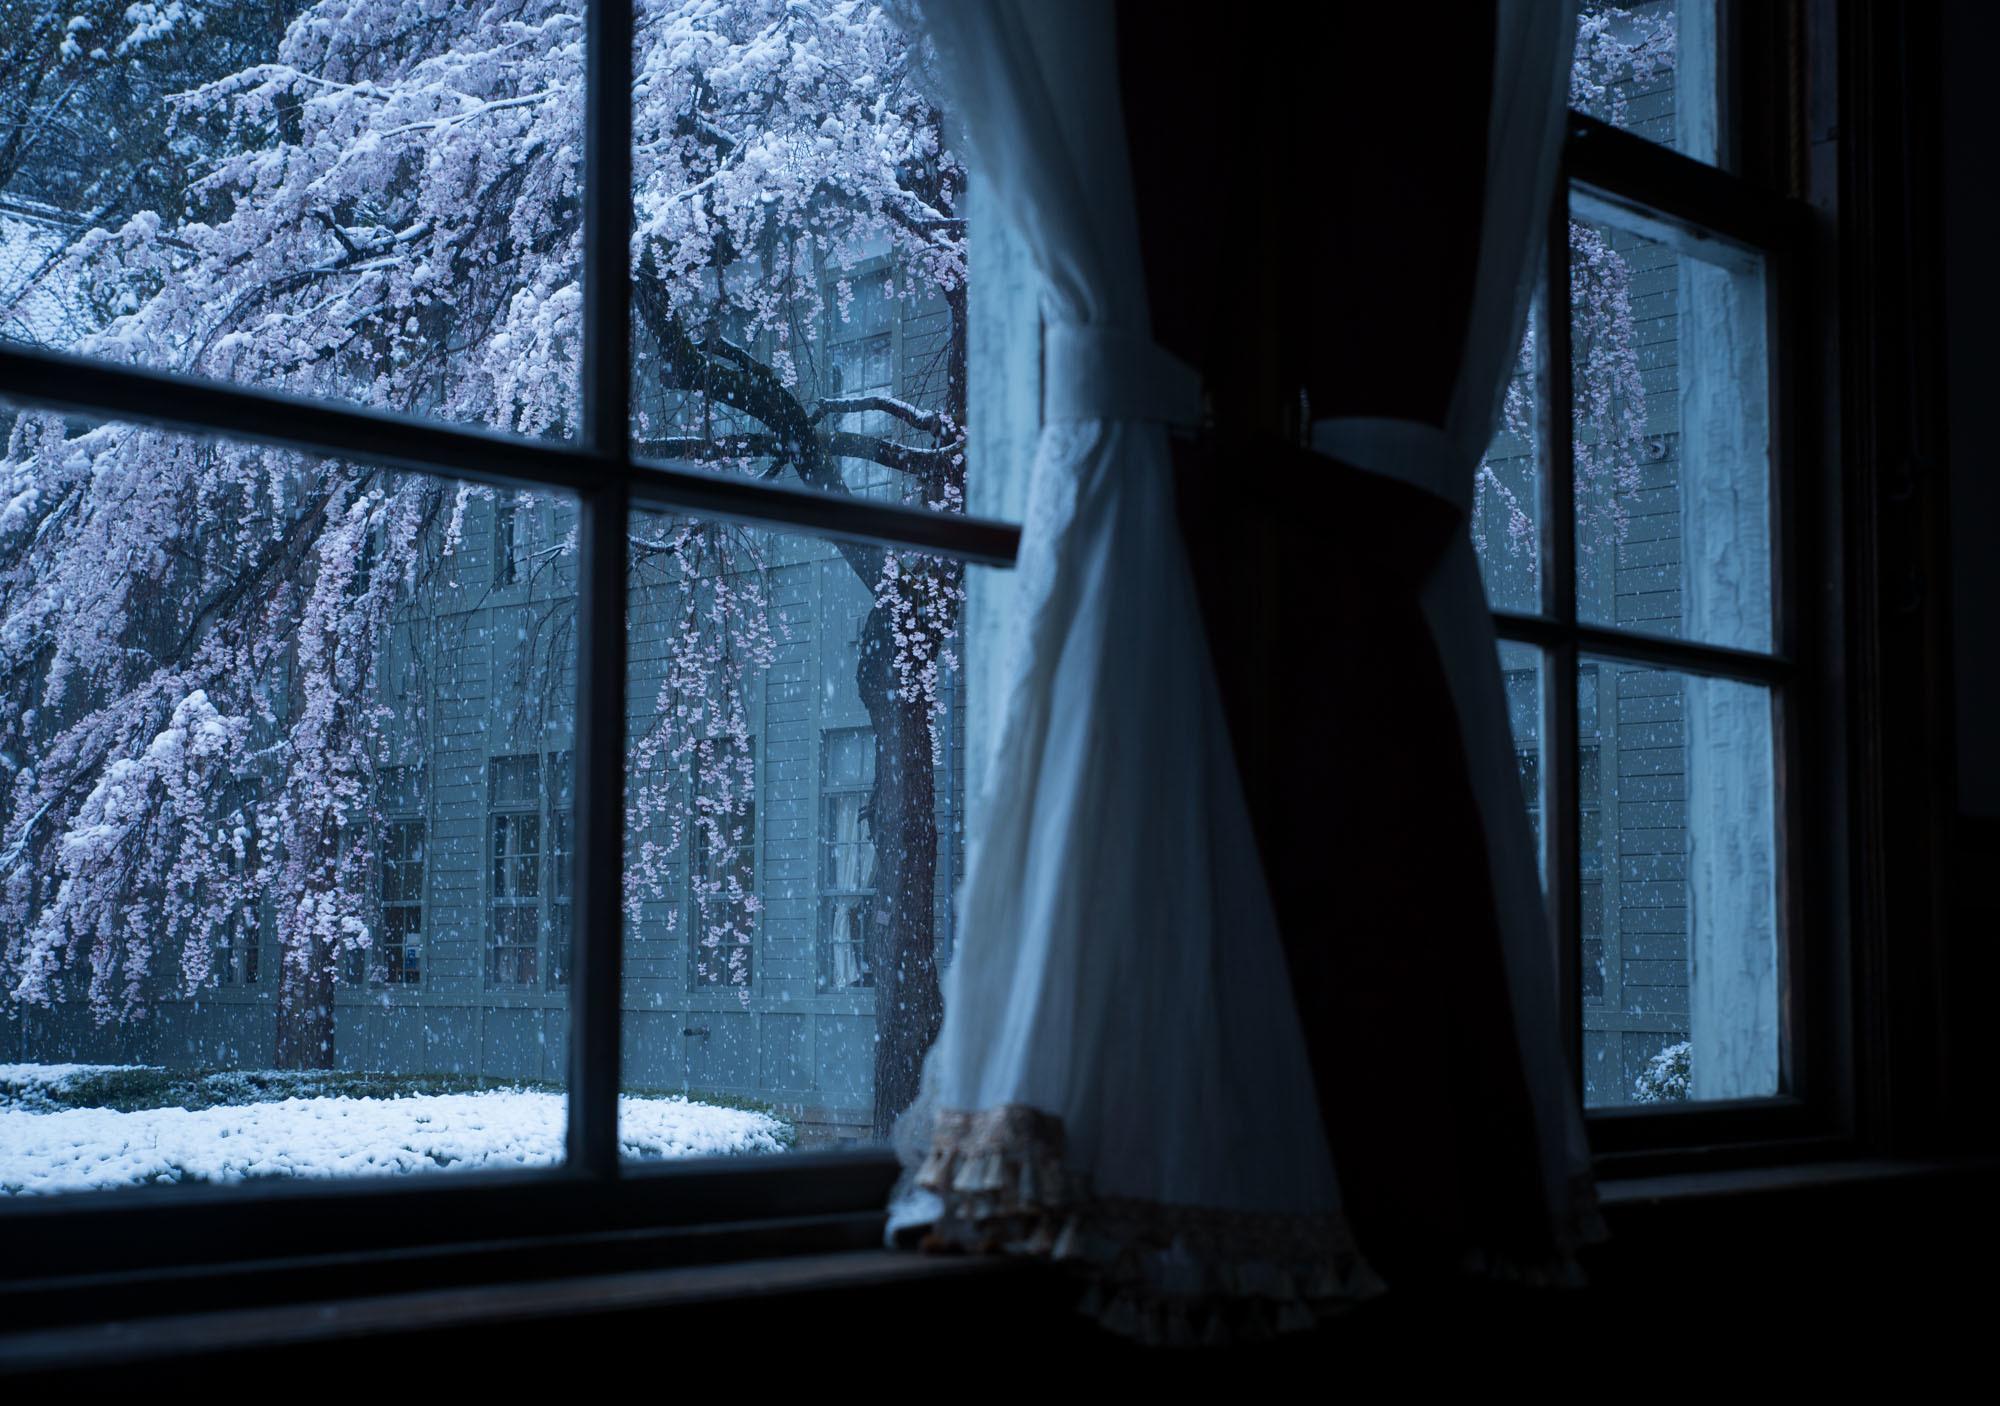 なごり雪の窓辺~あがたの森の枝垂桜~_d0349418_20515215.jpg